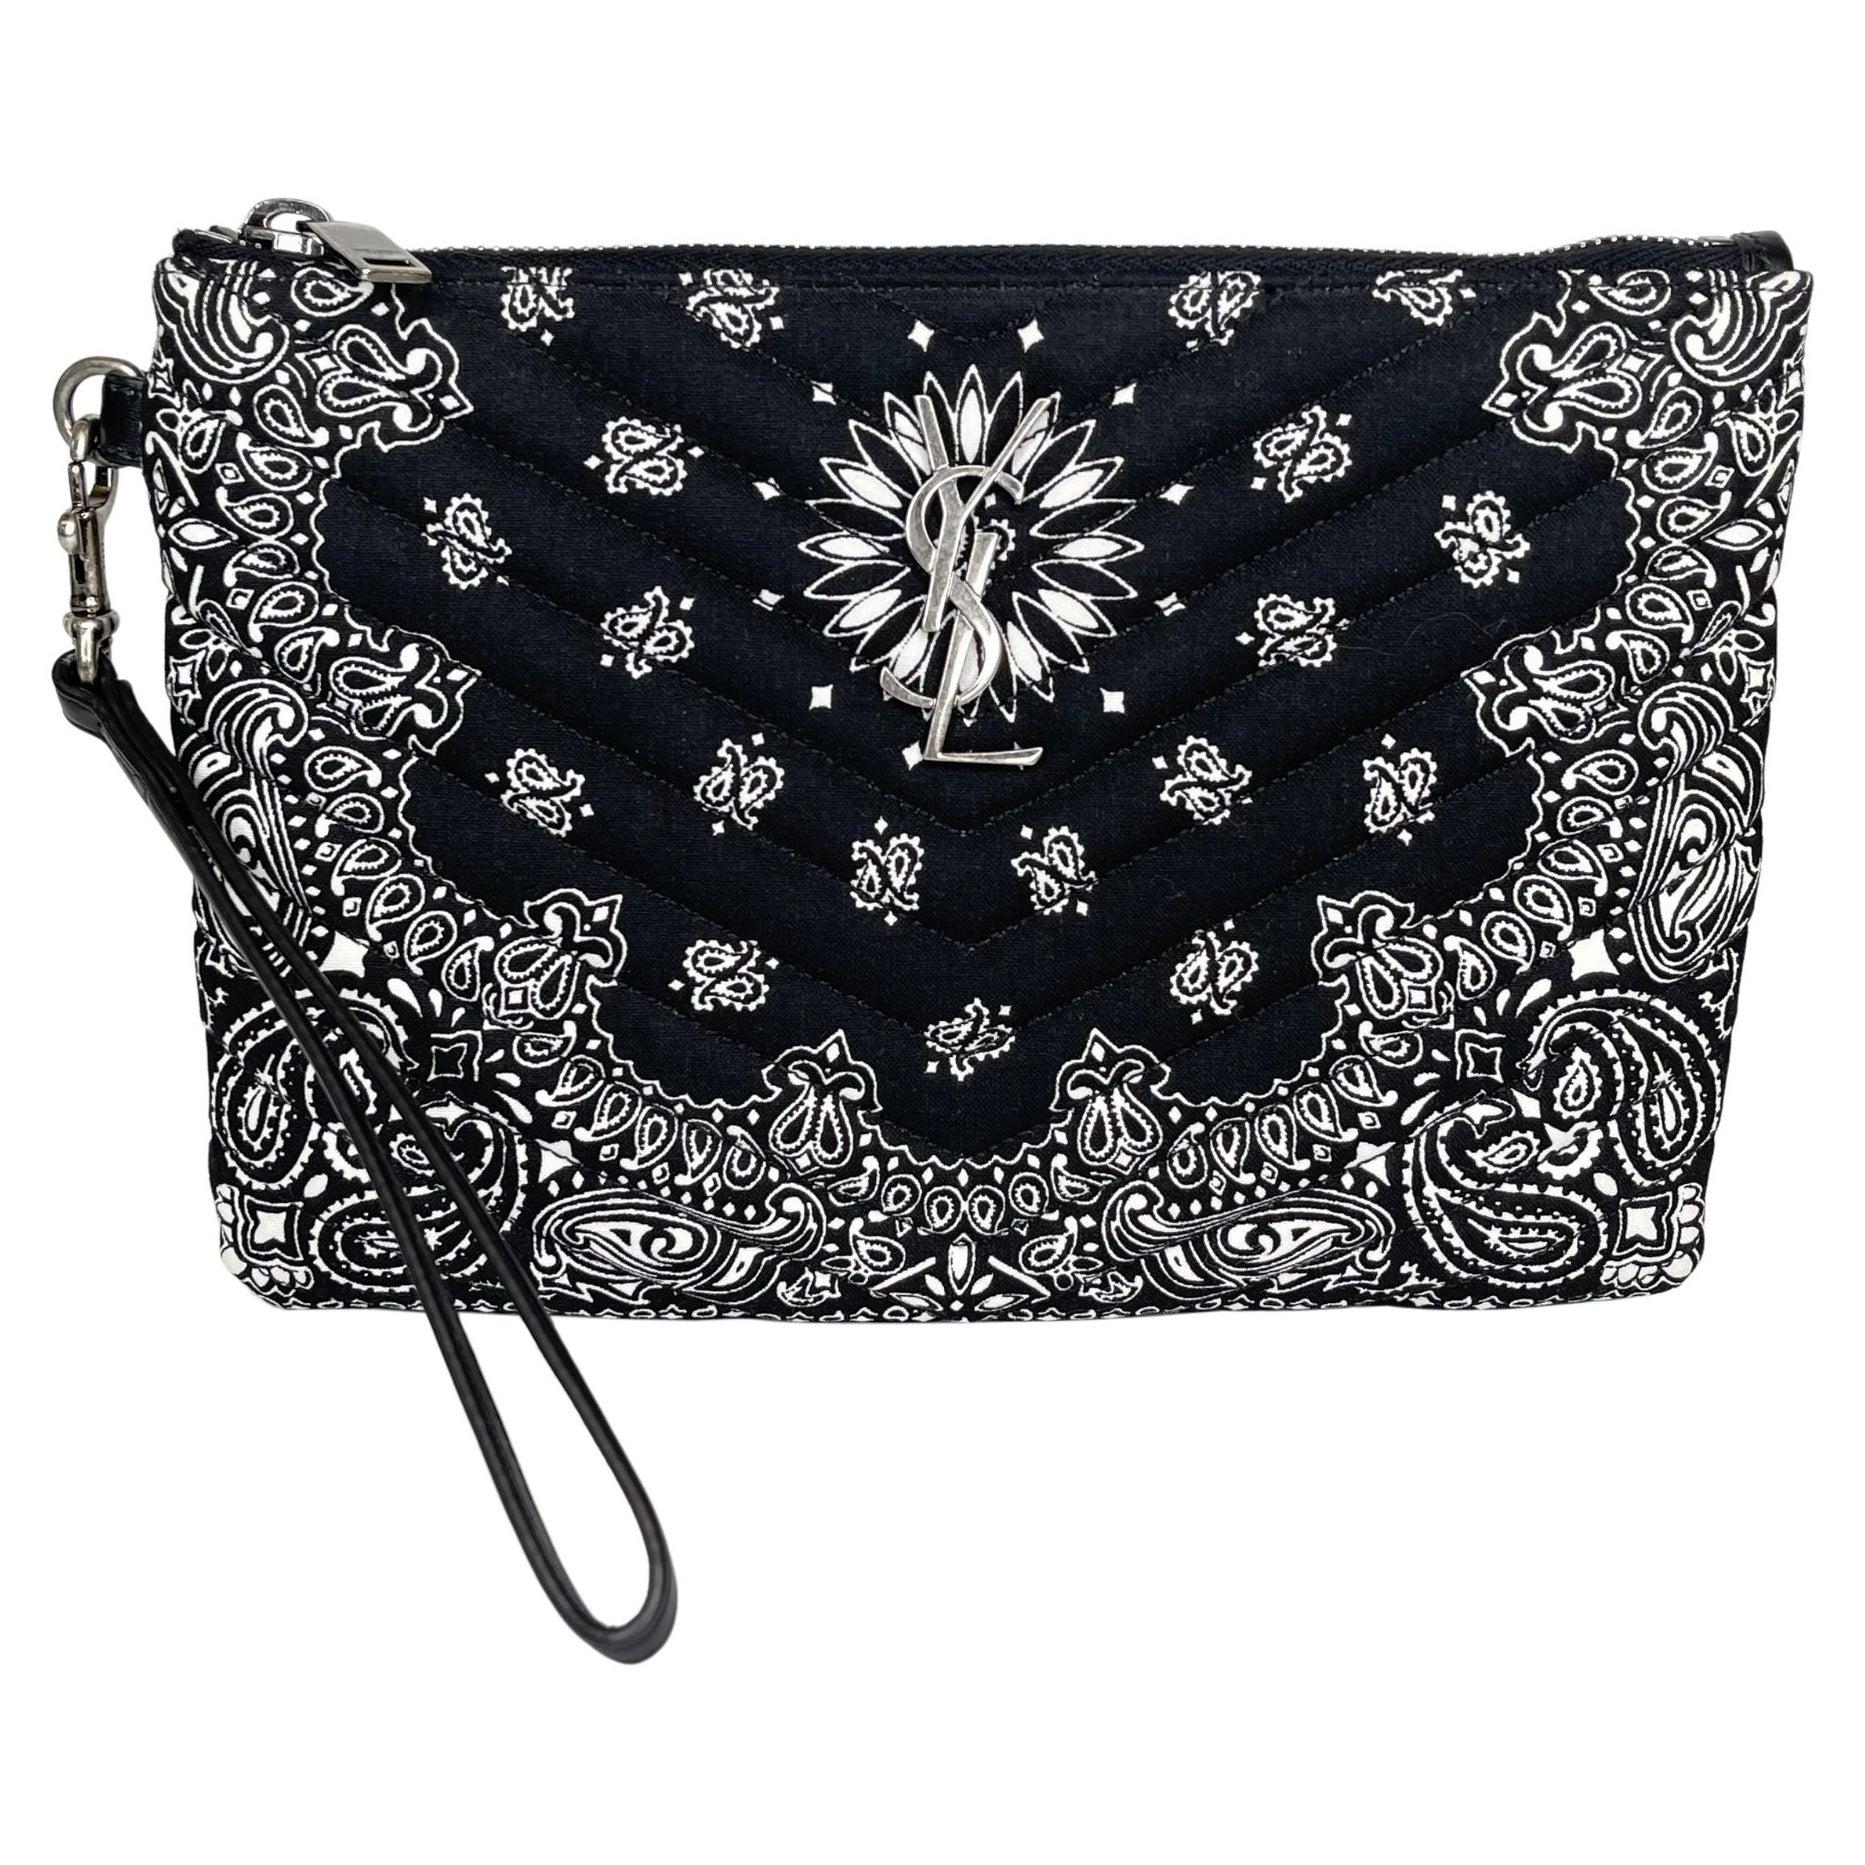 Saint Laurent Bandana Black Monogram Wristlet Pouch Bag